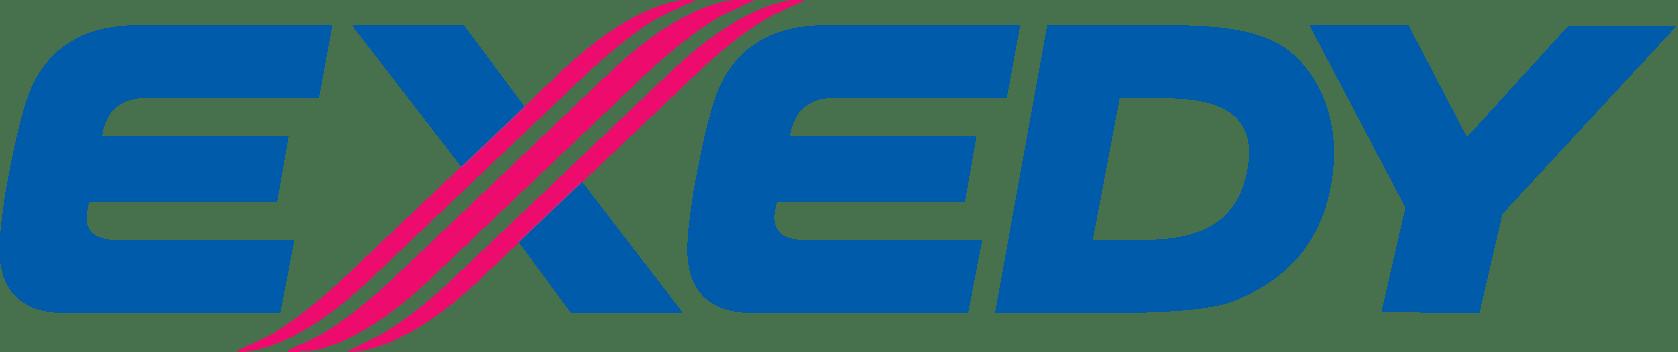 EXEDY-Logo